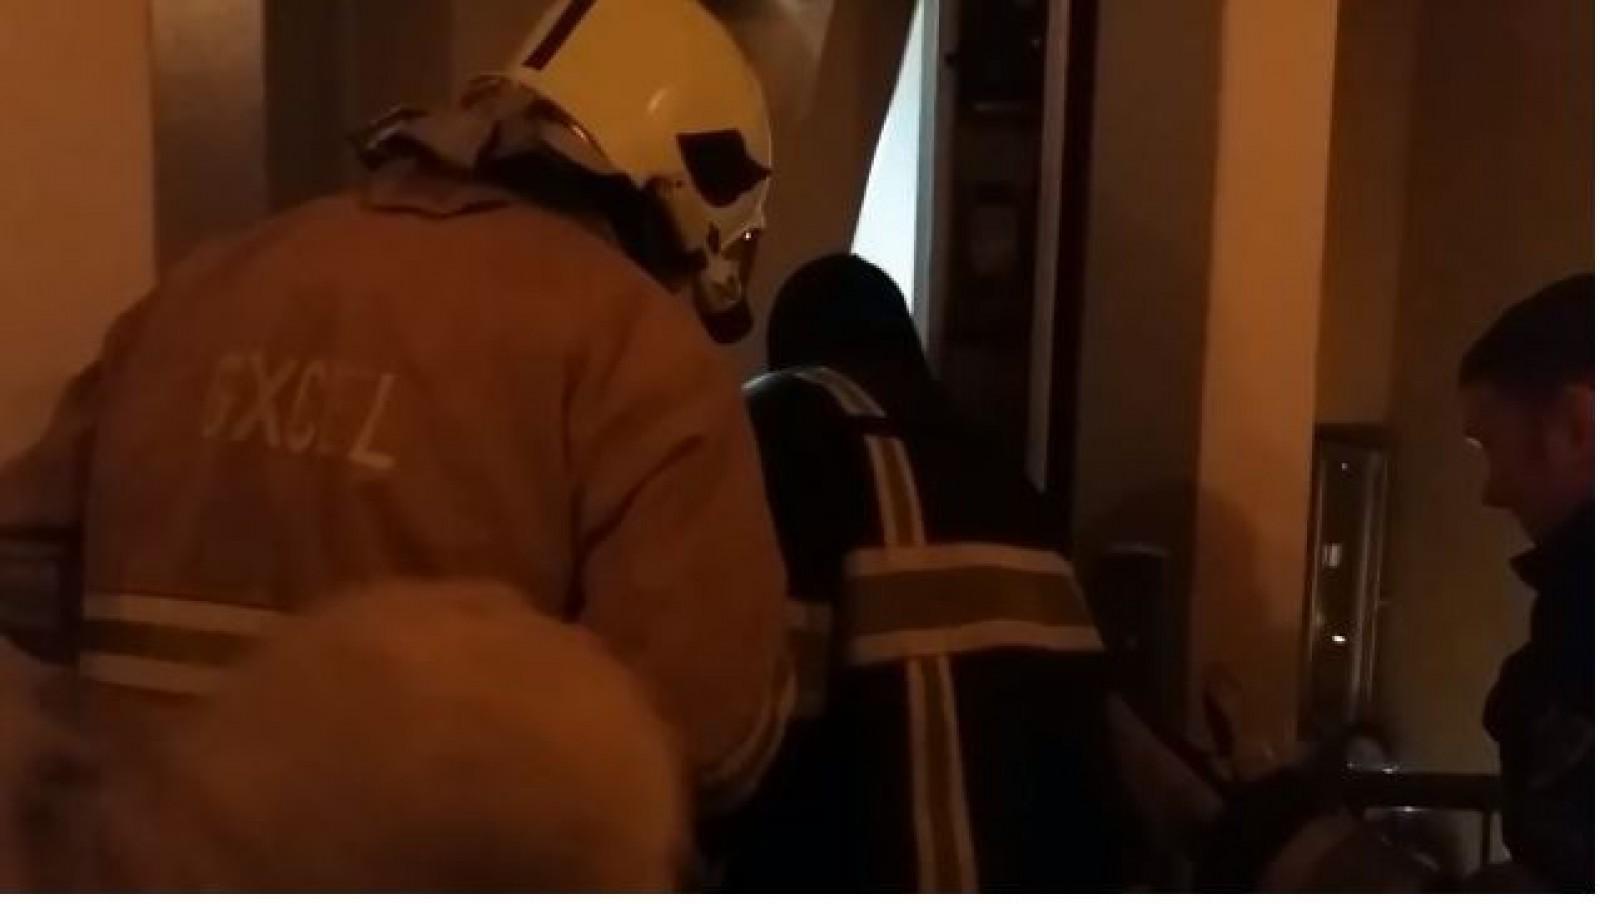 (video) Pompierii în alertă: Cinci adolescenți, salvați dintr-un lift blocat într-un bloc de pe strada Decebal